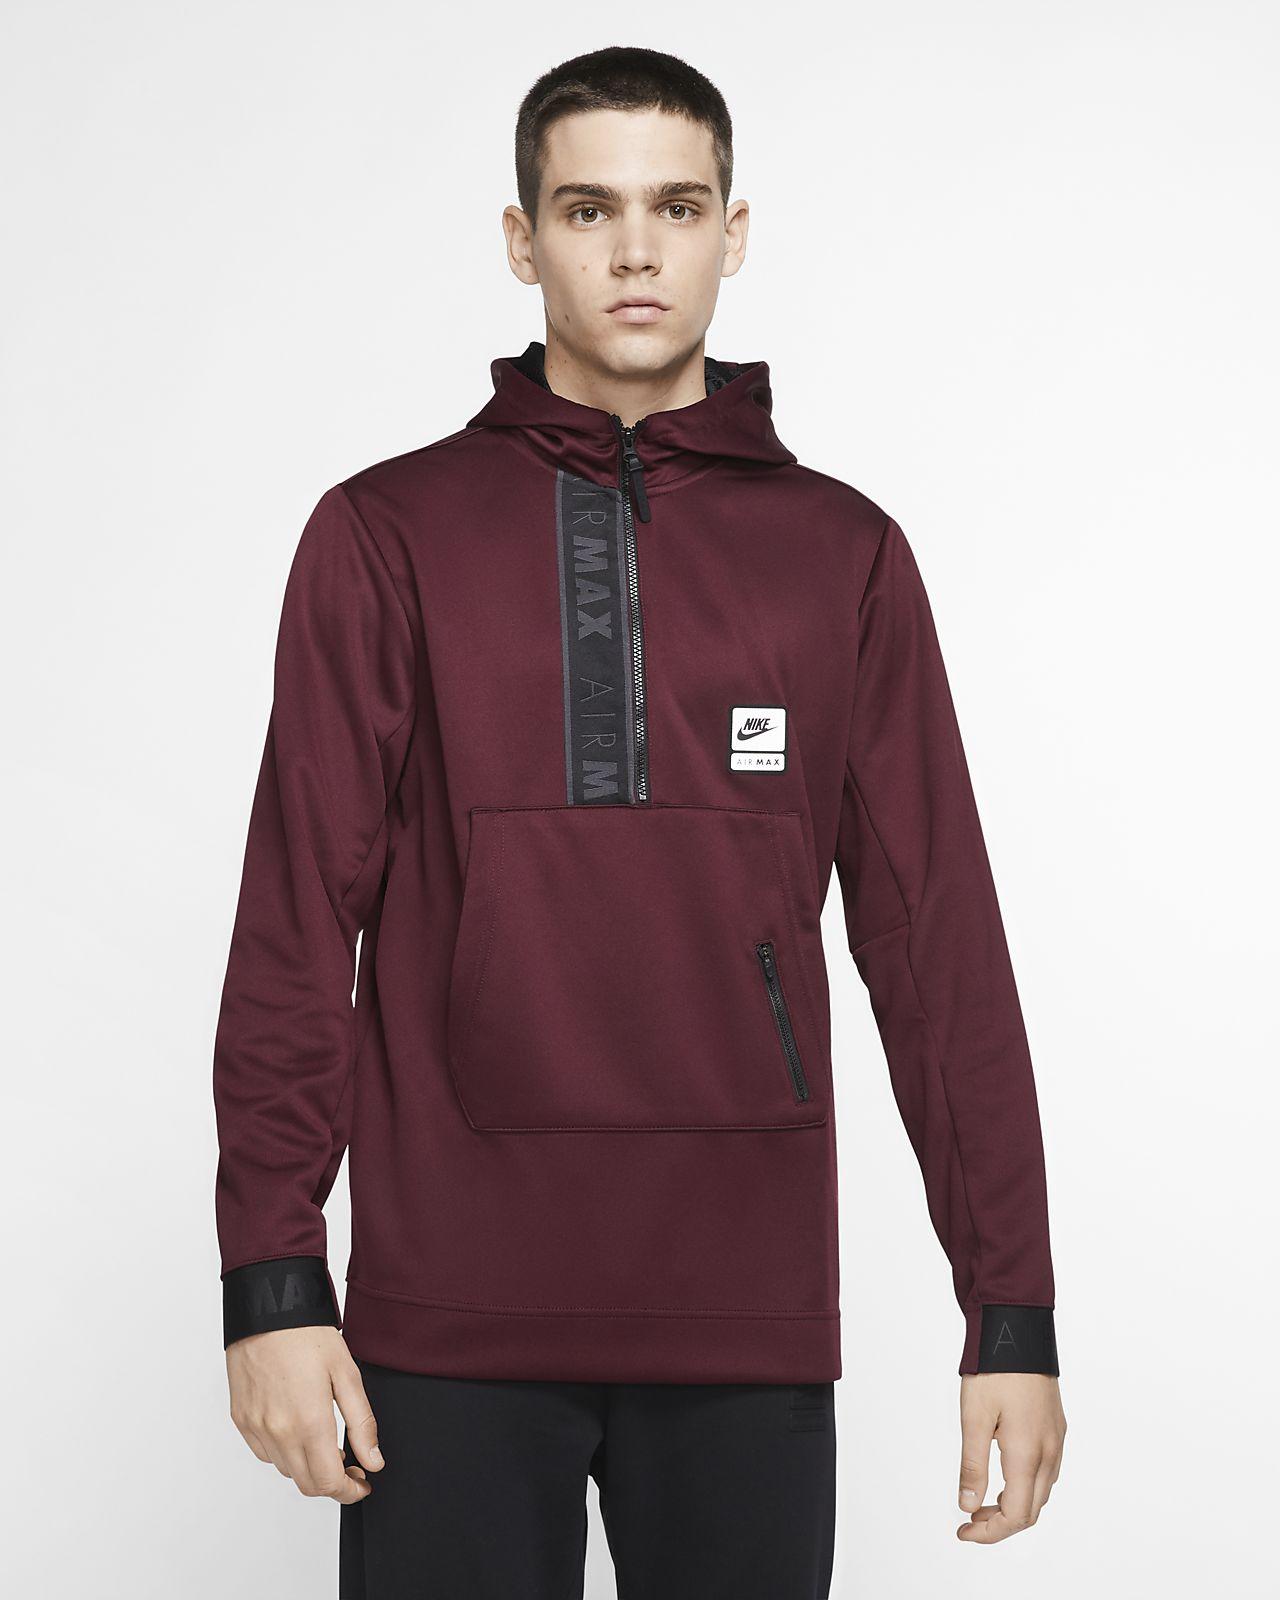 c53d984d26aaba ... Męska bluza z kapturem i zamkiem długości 1/2 Nike Sportswear Air Max